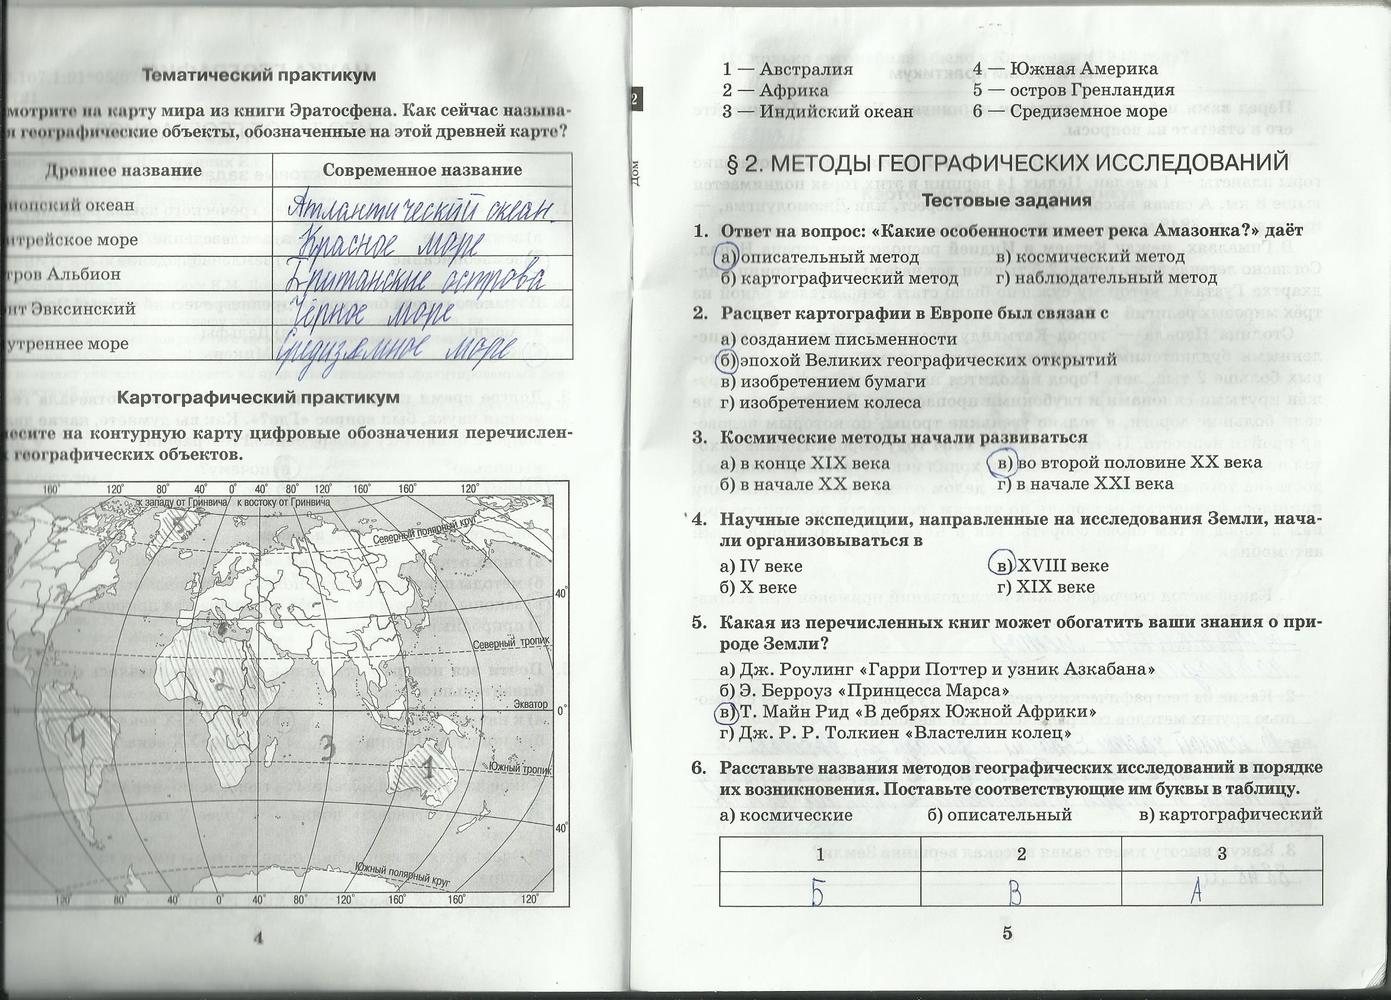 Решебник к рабочей тетради по географии 11 класс домогатских